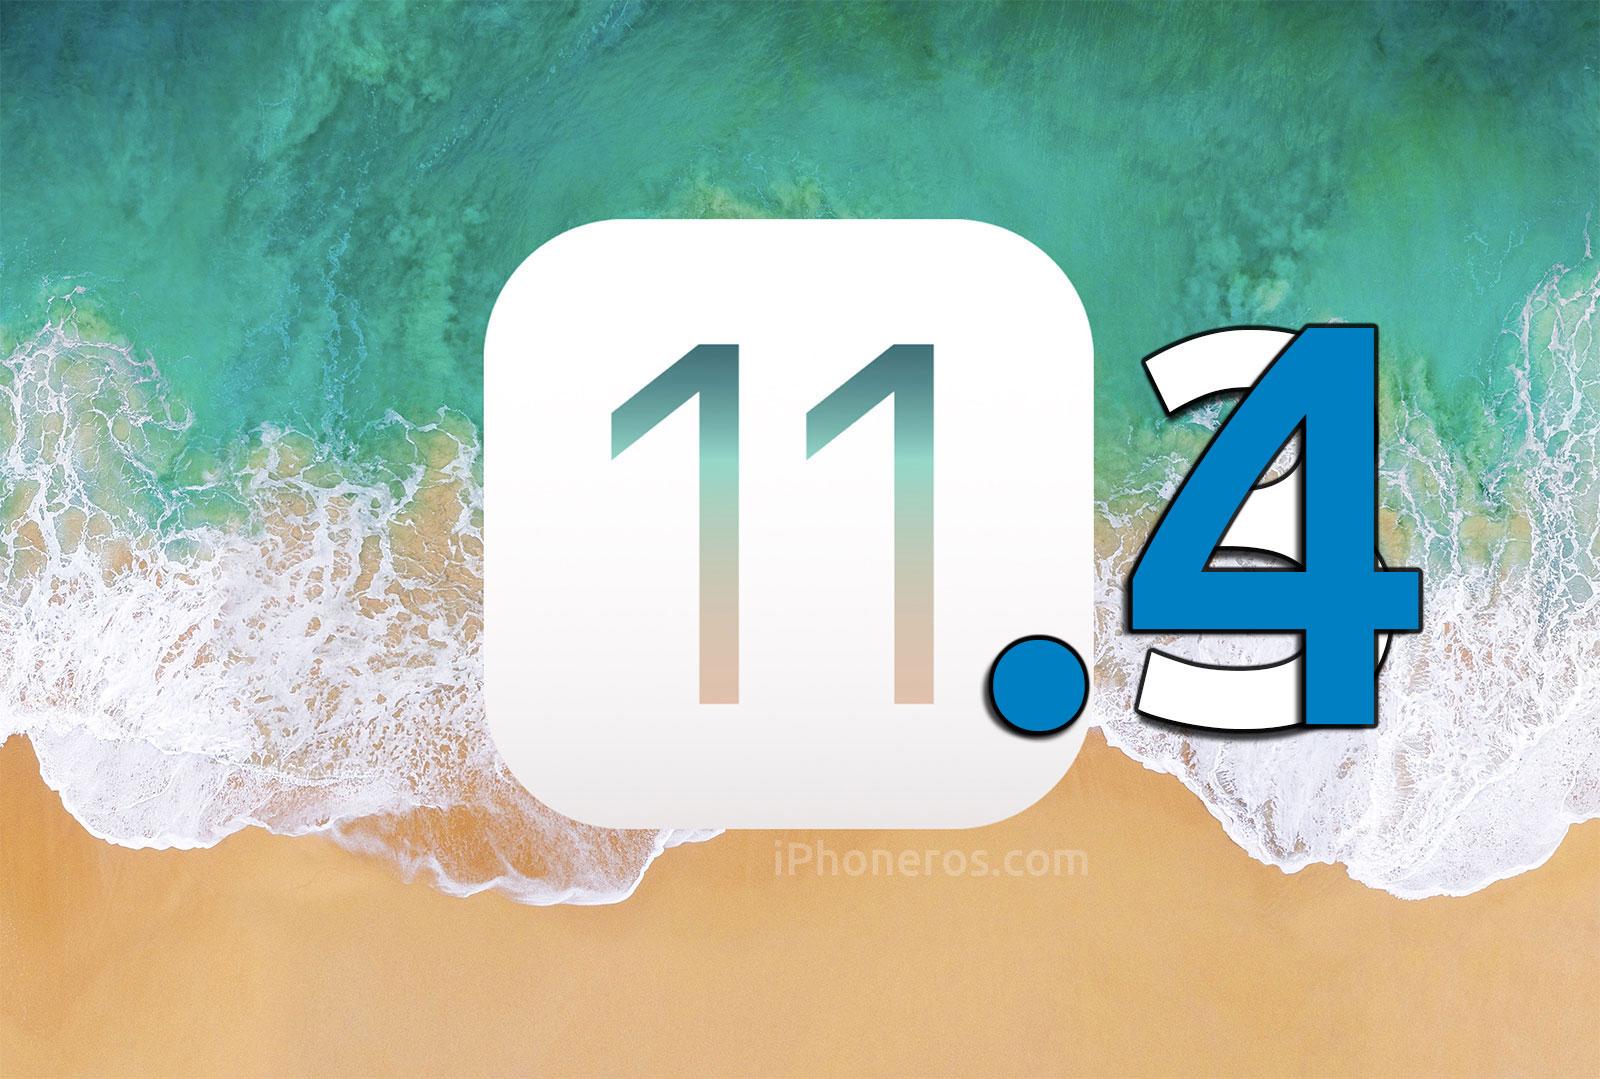 En preparación] Apple envia la 6 ª Beta de iOS 11.3 a los ...